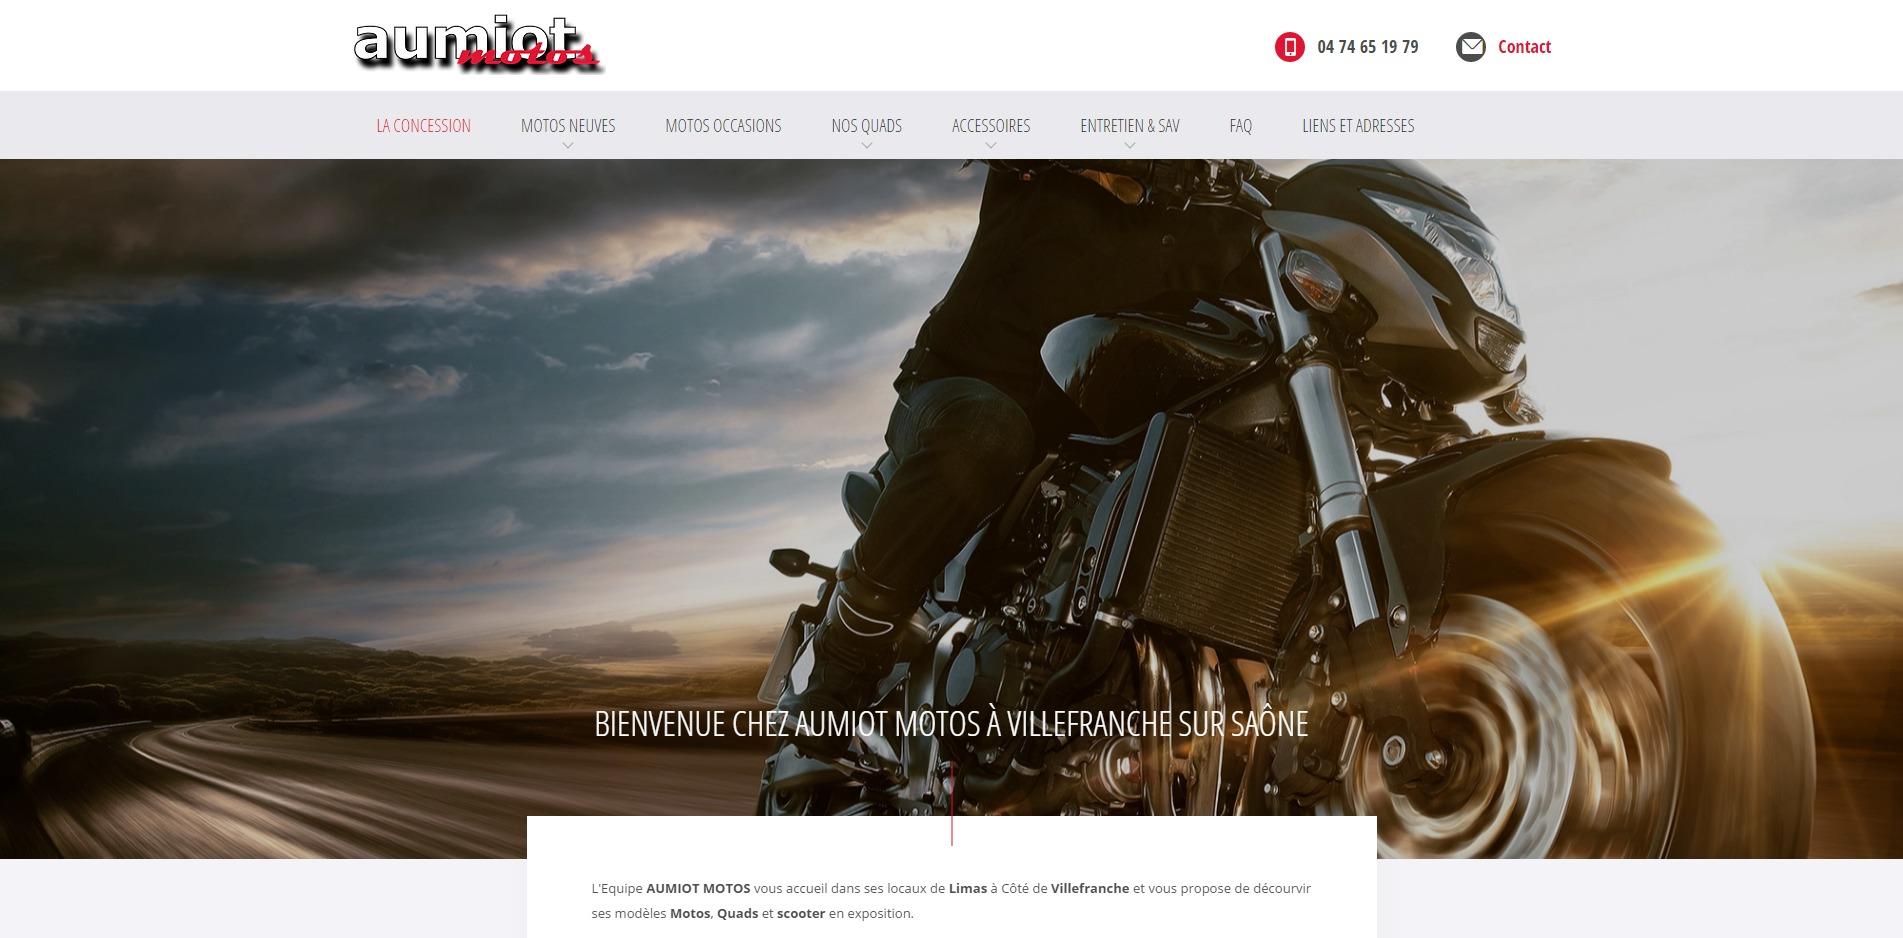 vente de motos sur villefranche sur sa ne aumiot motos site internet automobile jalis. Black Bedroom Furniture Sets. Home Design Ideas